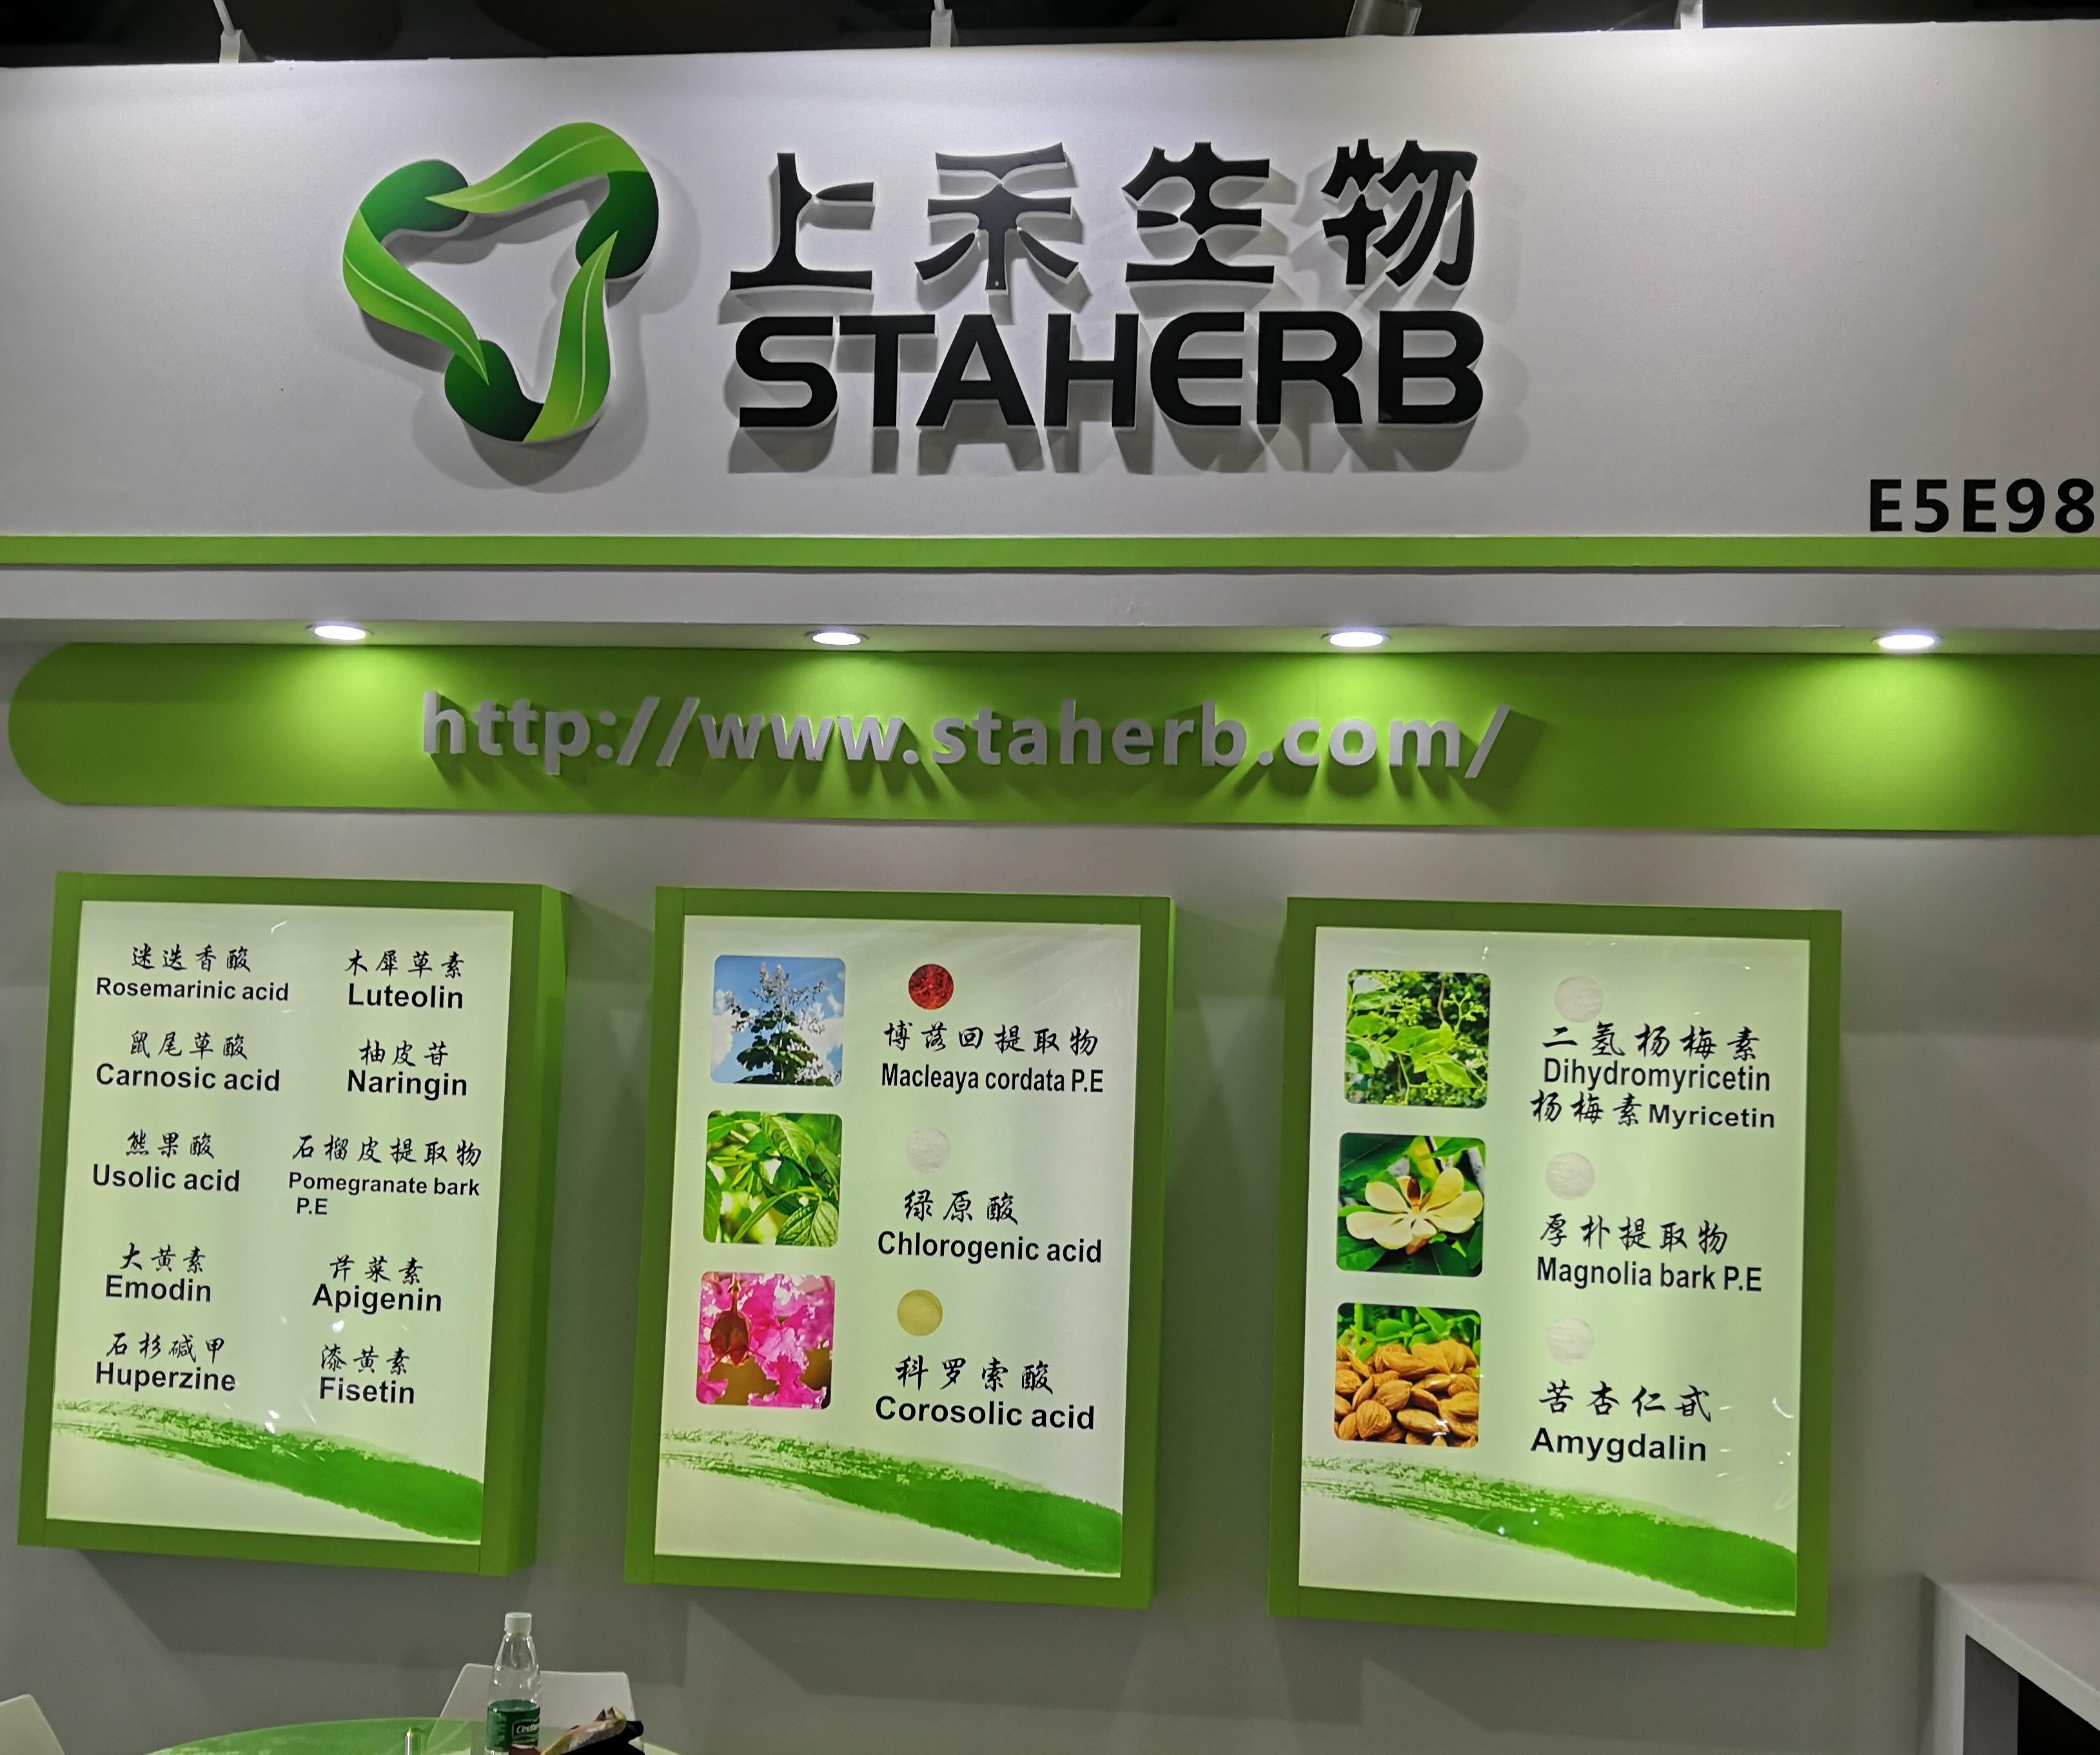 上禾生物--植物乐虎国际唯一网站-厚朴乐虎国际唯一网站